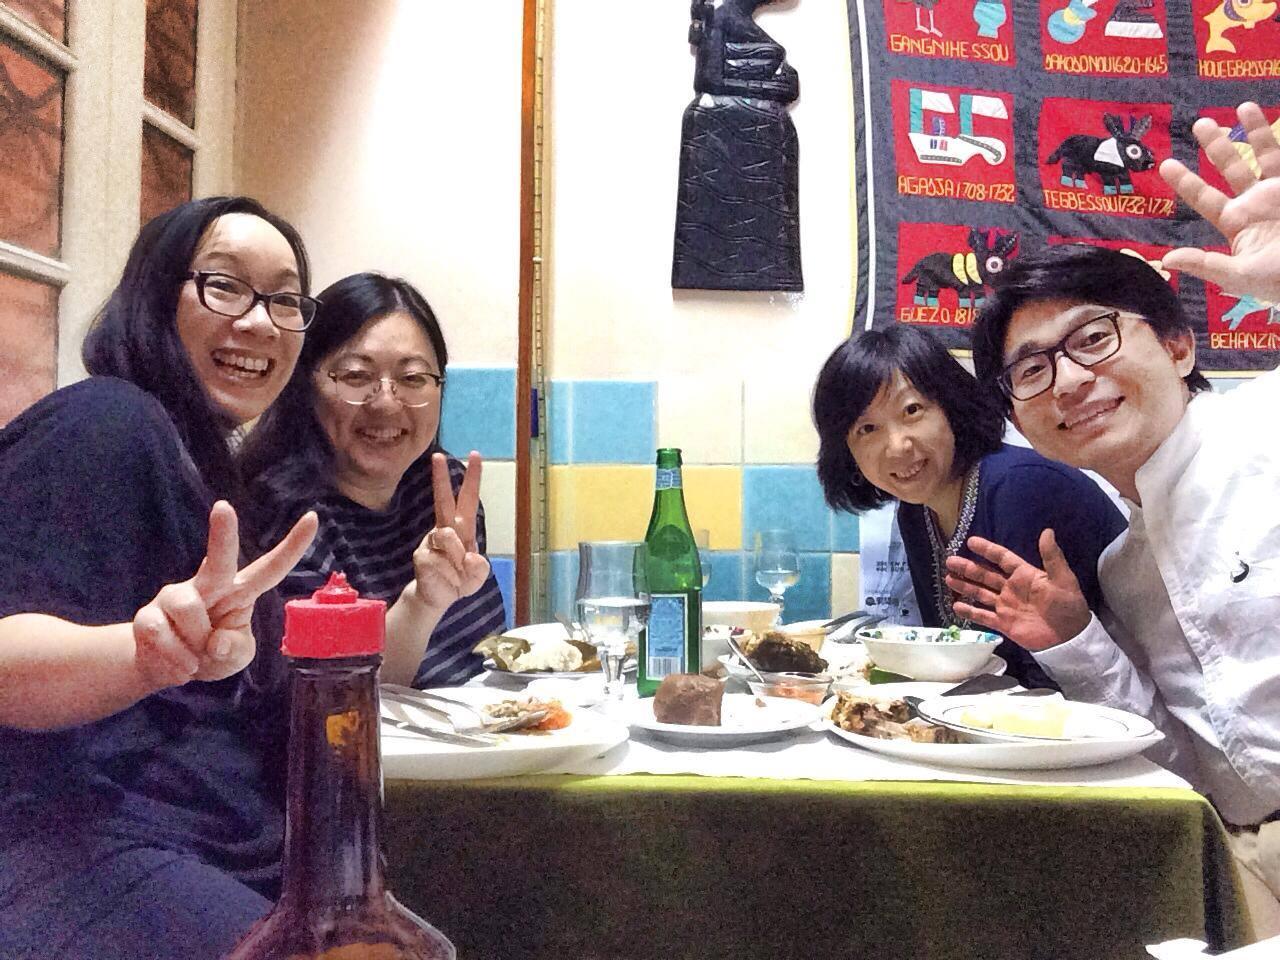 De gauche à droite : Minh-Tâm Trân, Chihiro Masui, Margot Zhang et Taisuke Yoshida (photographe)